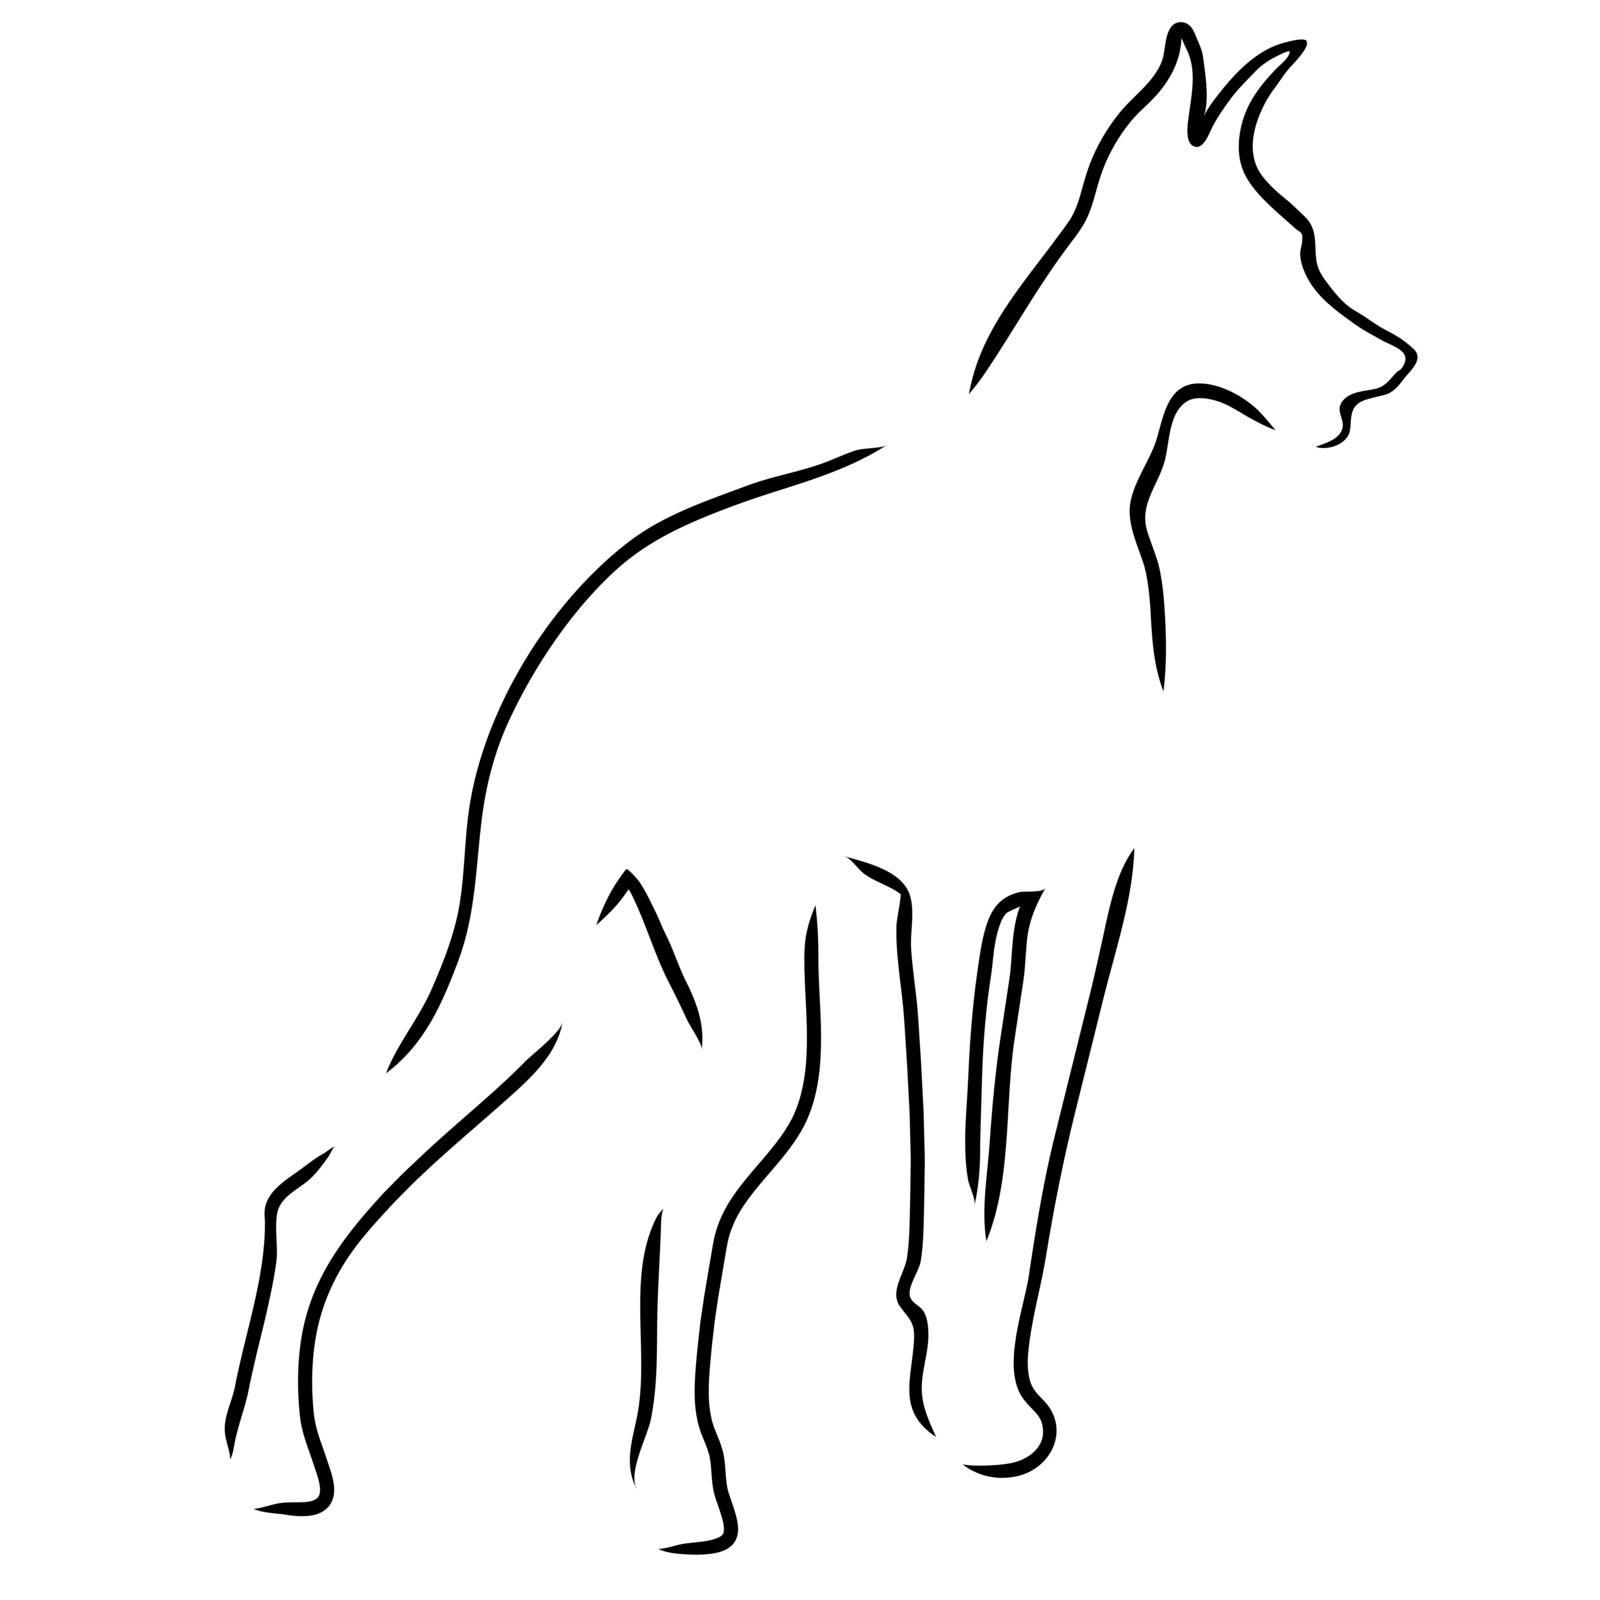 A stylized outline of a Doberman Pinscher standing guard